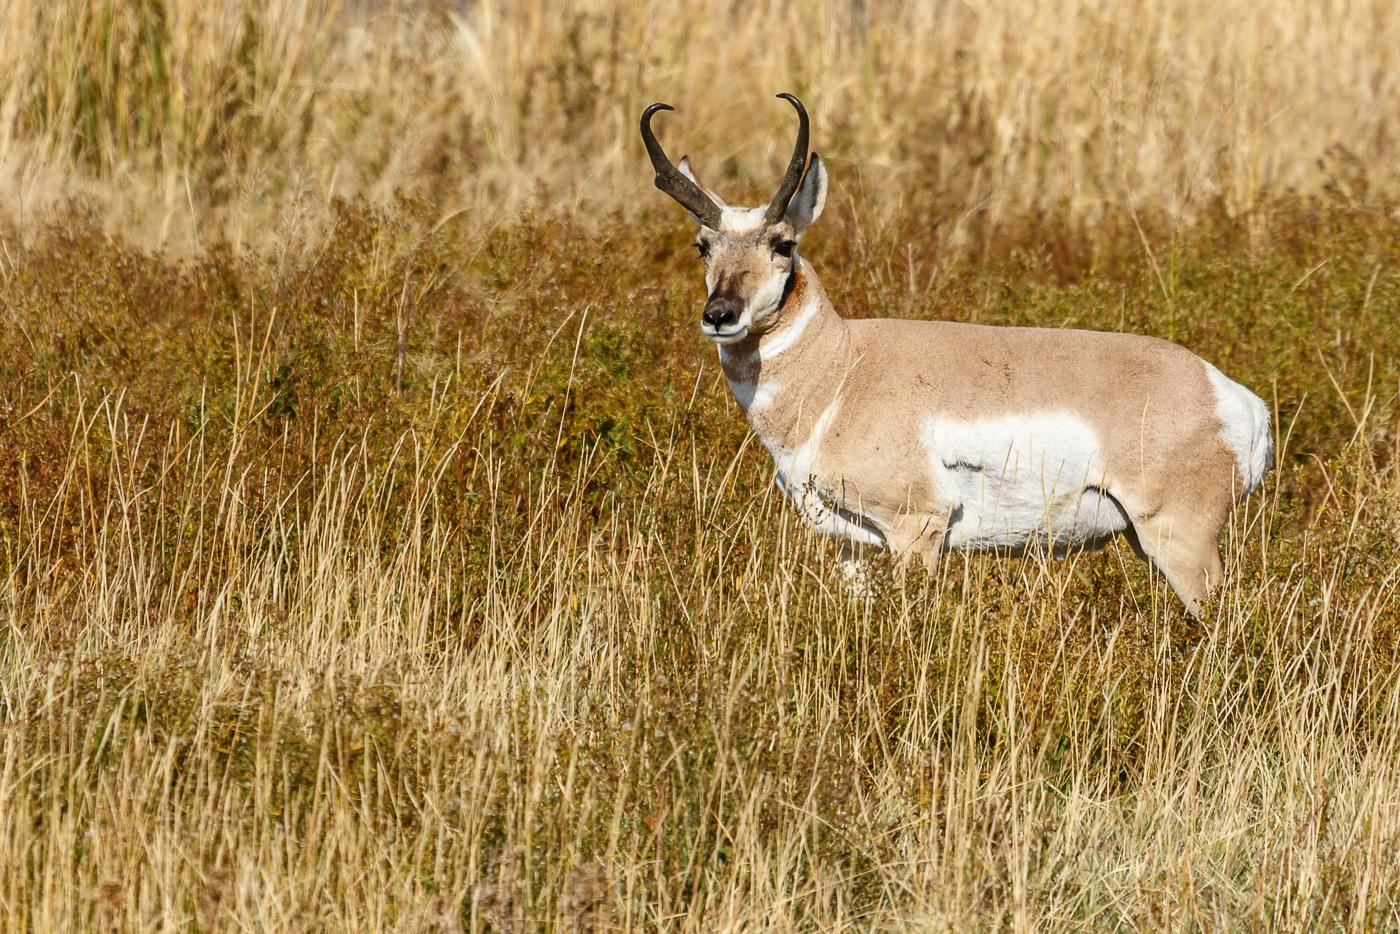 Pronghorn (Antilocapra americana), Yellowstone National Park, U.S.A. - Fauna de Nord-Amèrica - Raül Carmona - Fotografia, Fotografia d'estudi, esdeveniments i Natura